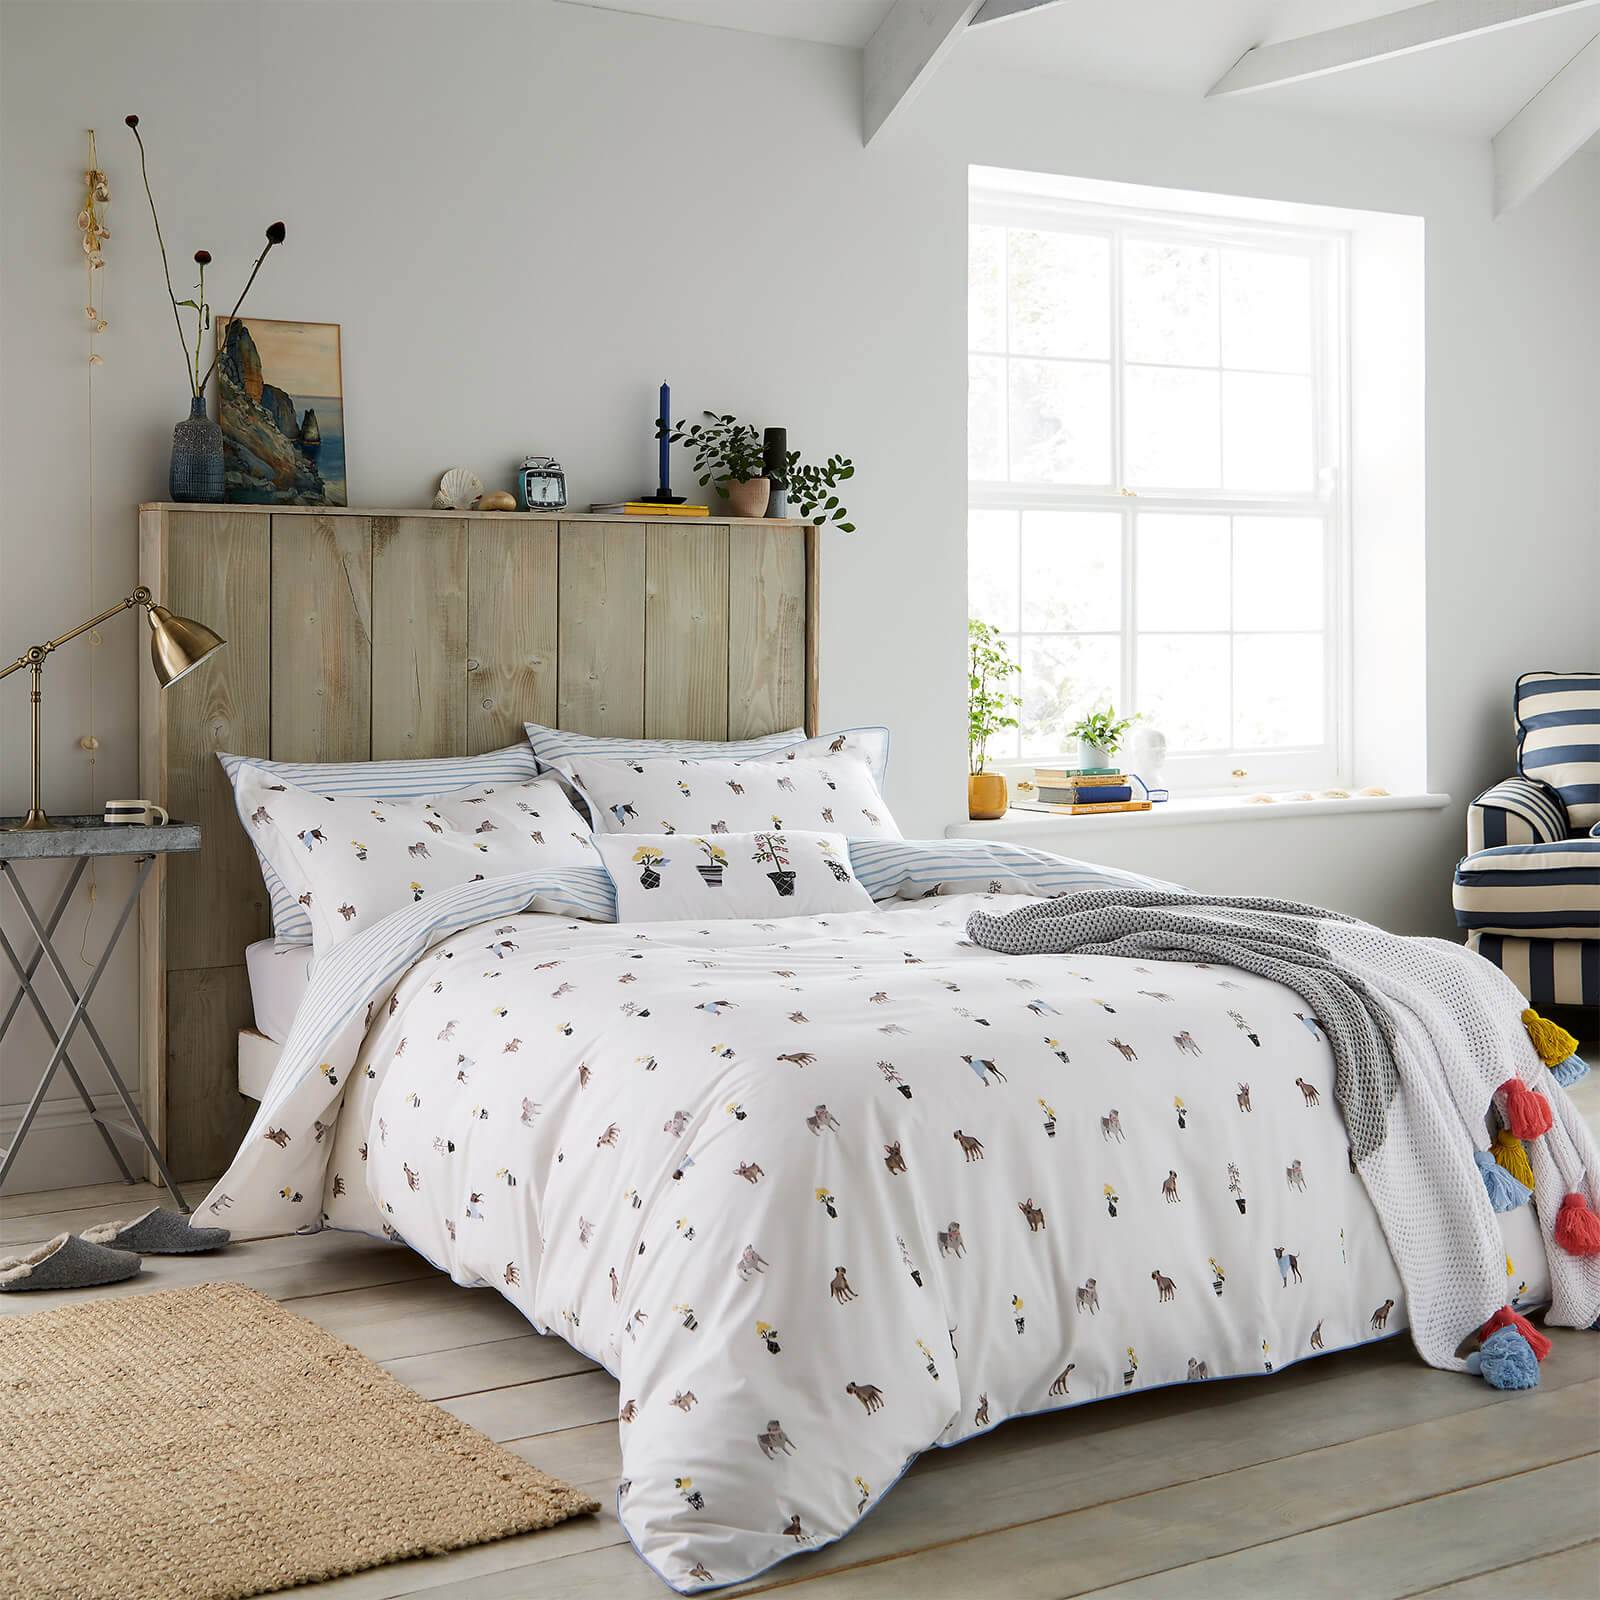 Joules Garden Dogs Duvet Cover - White - Double